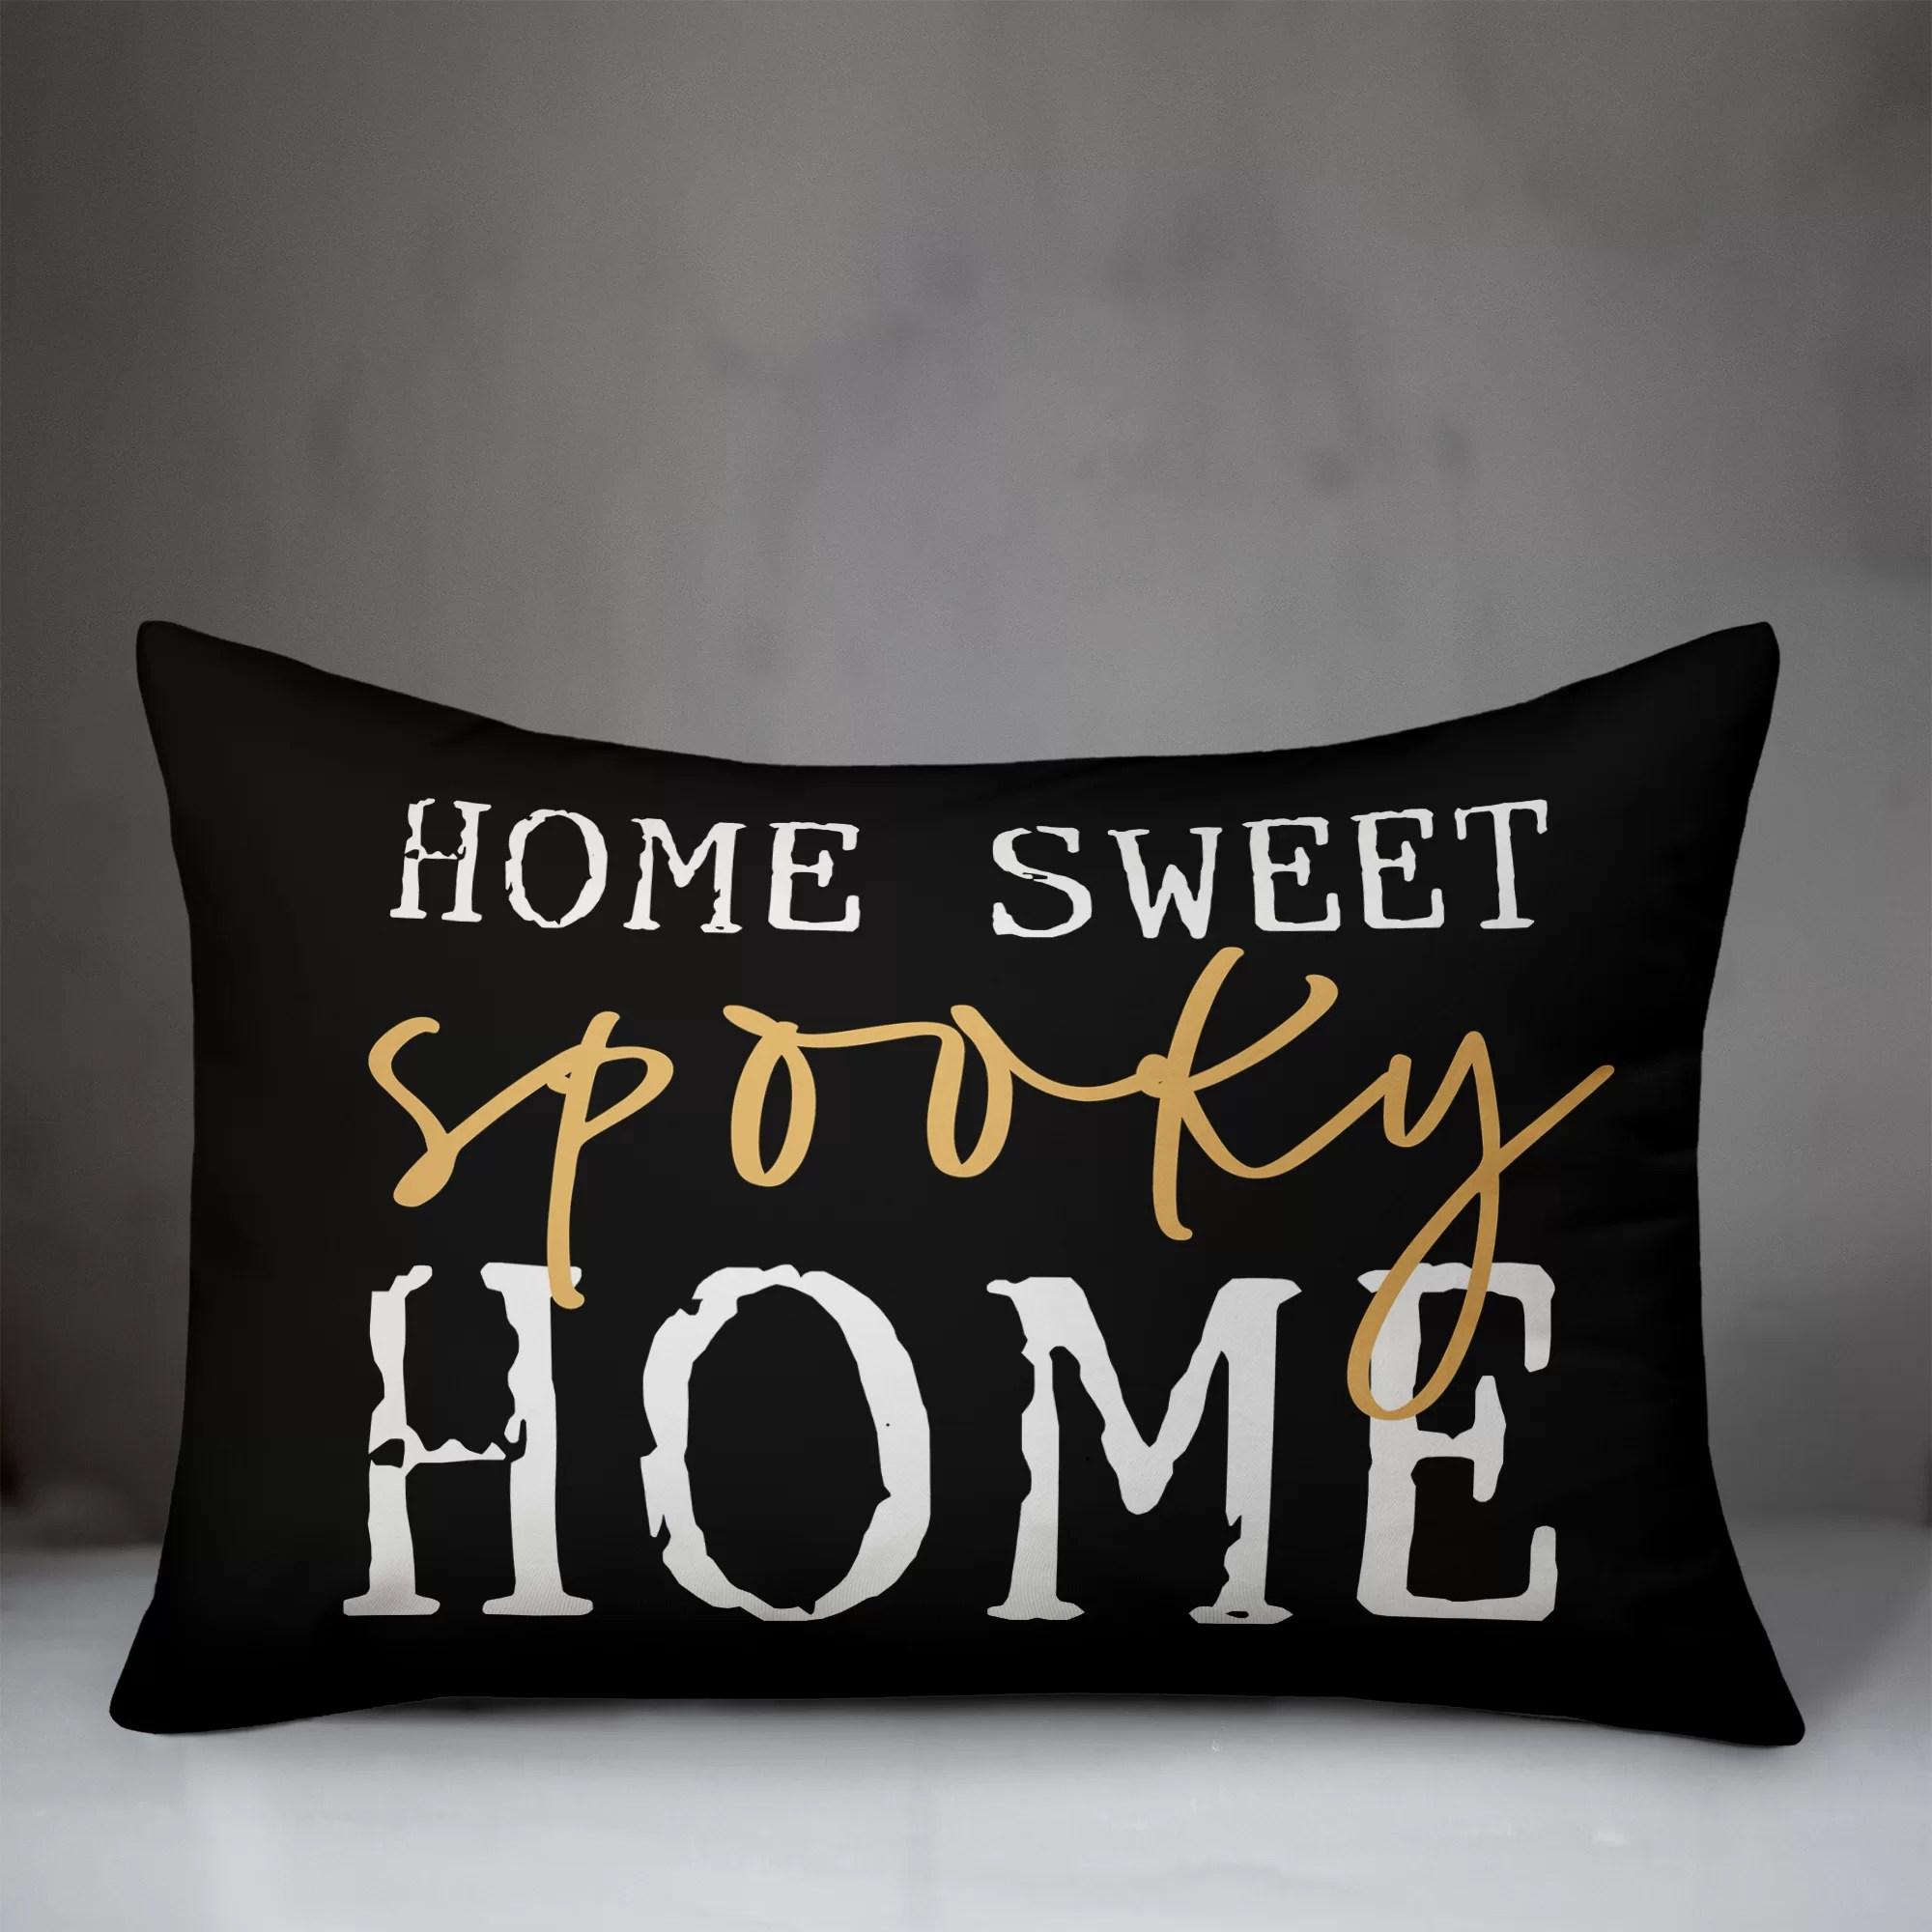 home sweet home lumbar pillow online